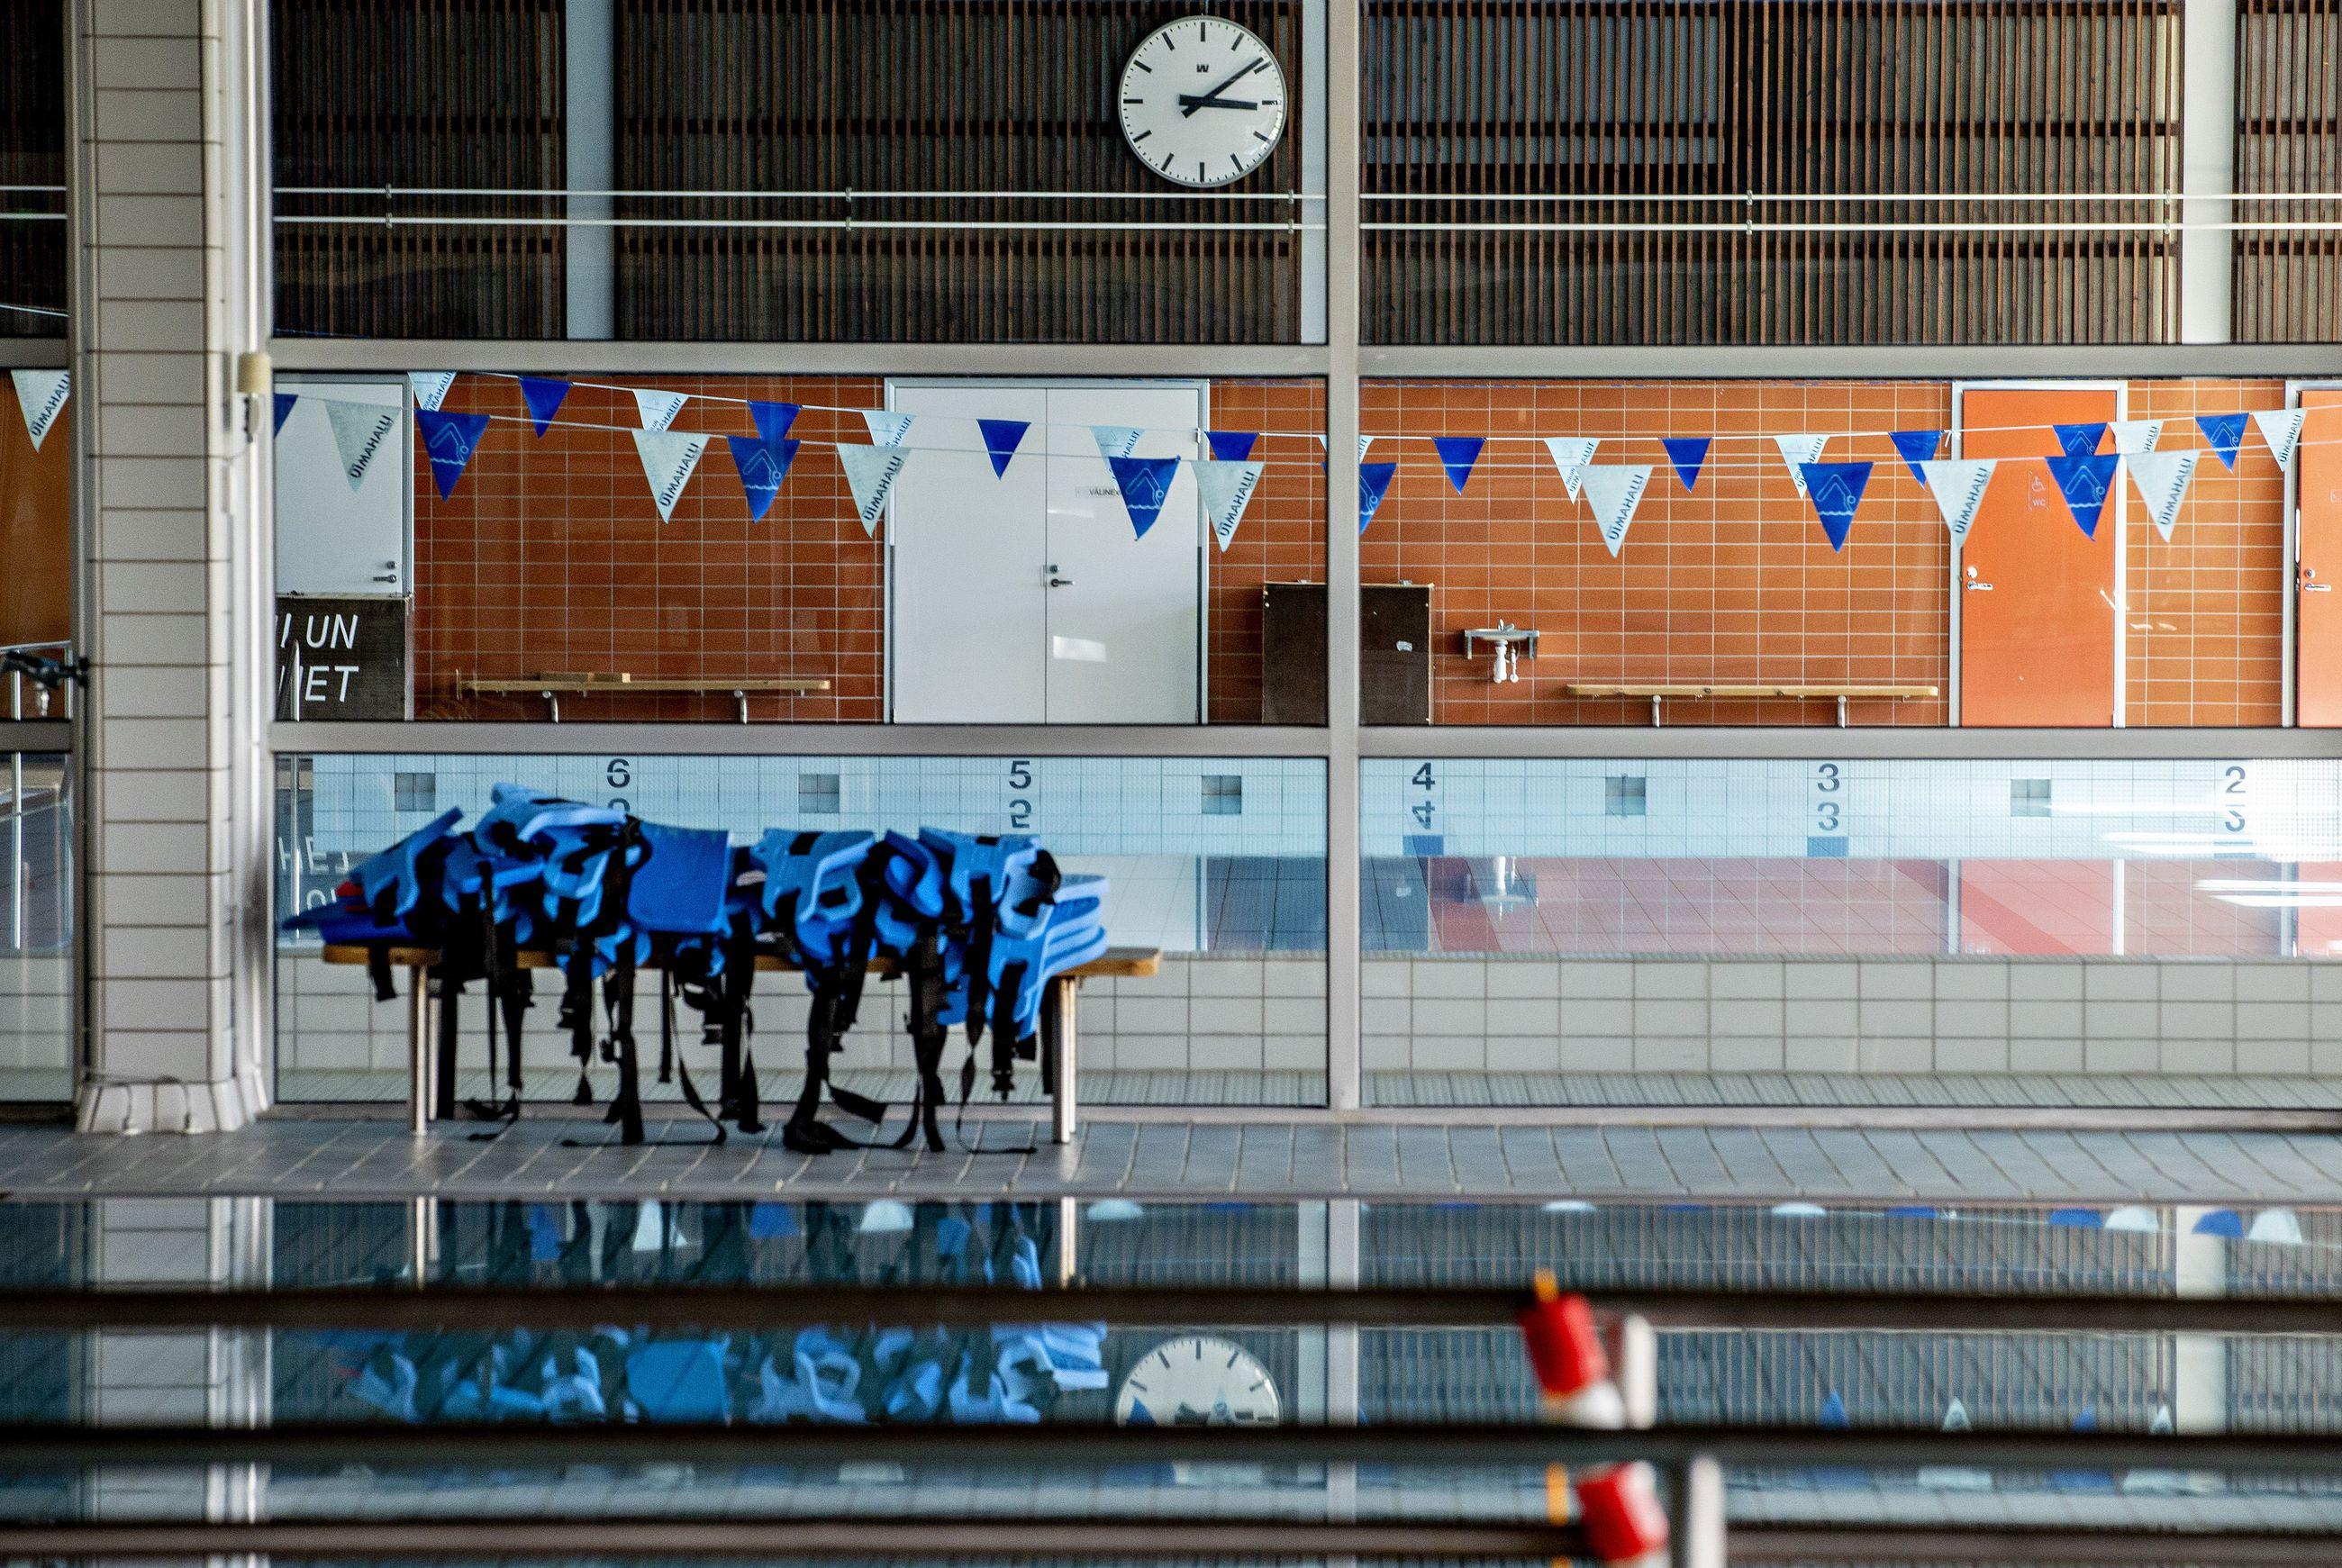 Raksilan uimahallin kunnostamista selvittänyt ryhmä totesi, että uuden uimahallin rakentaminen olisi parempi ratkaisu kuin vanhan peruskorjaaminen. Uudessa uimahallissa voitaisiin painottaa kestävämpiä ja energiatehokkaampia ratkaisuja. Kuvituskuva.